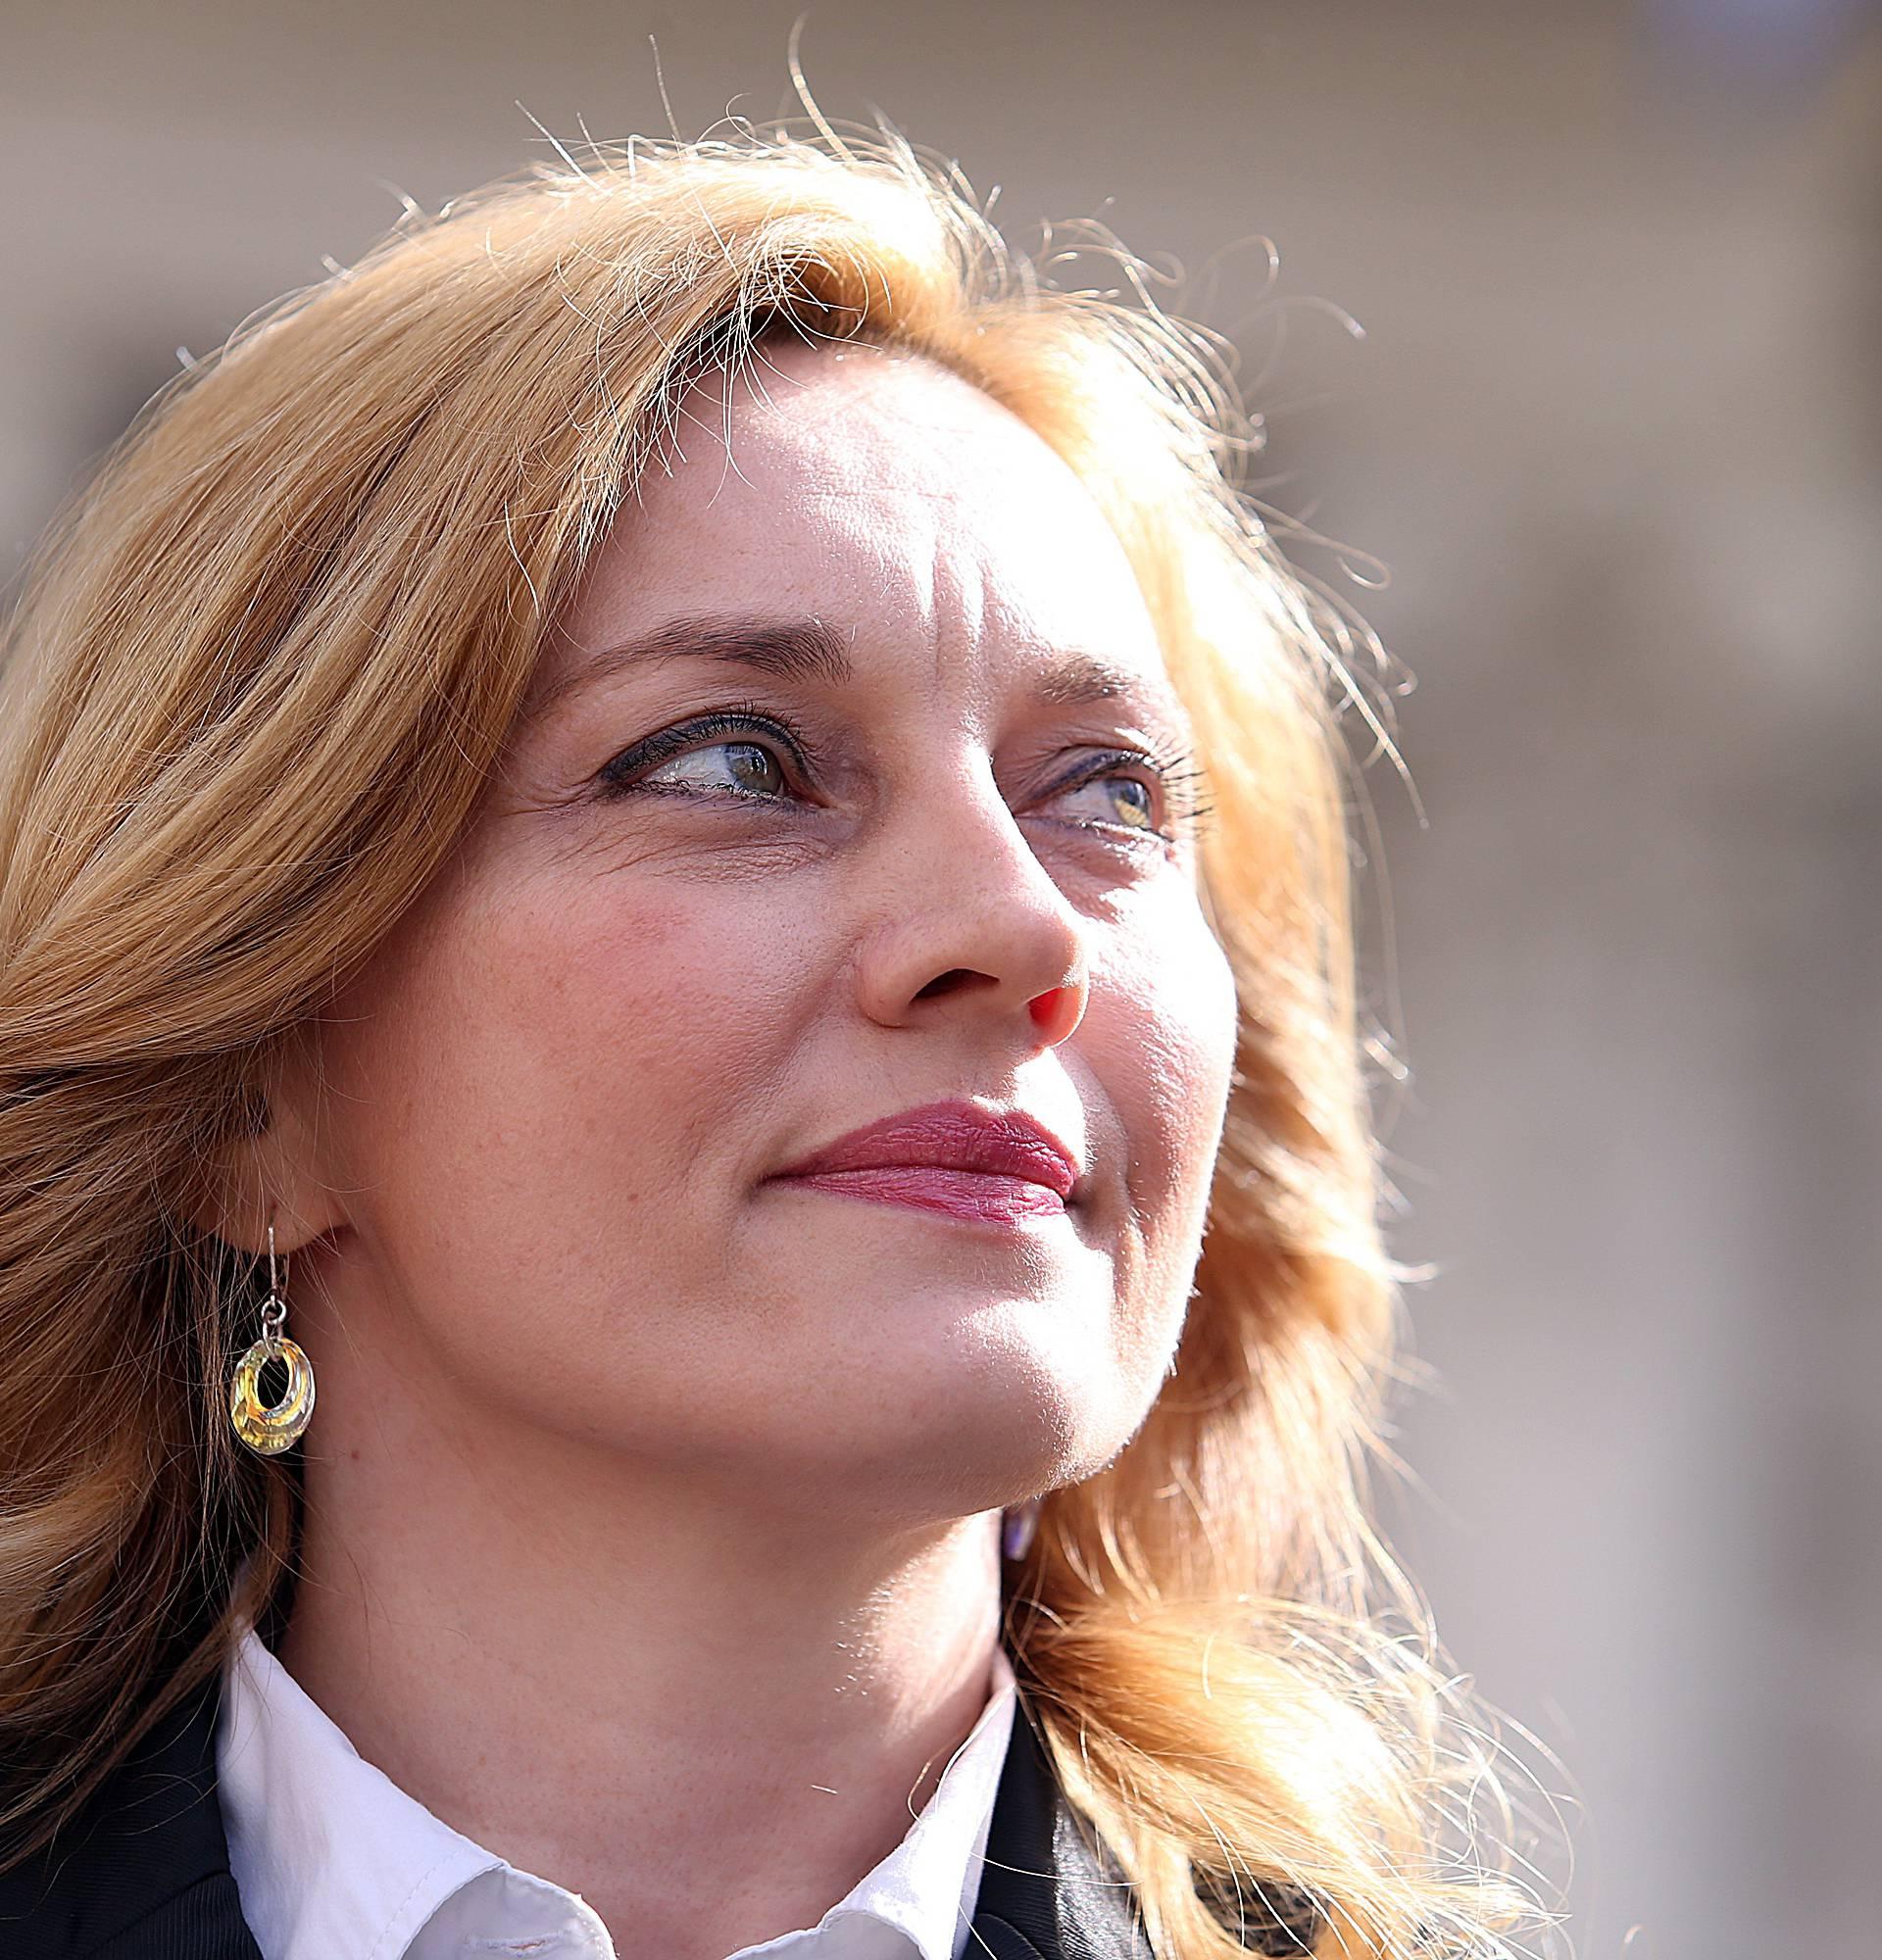 'Granično pitanje u Sloveniji služi za predizbornu kampanju'